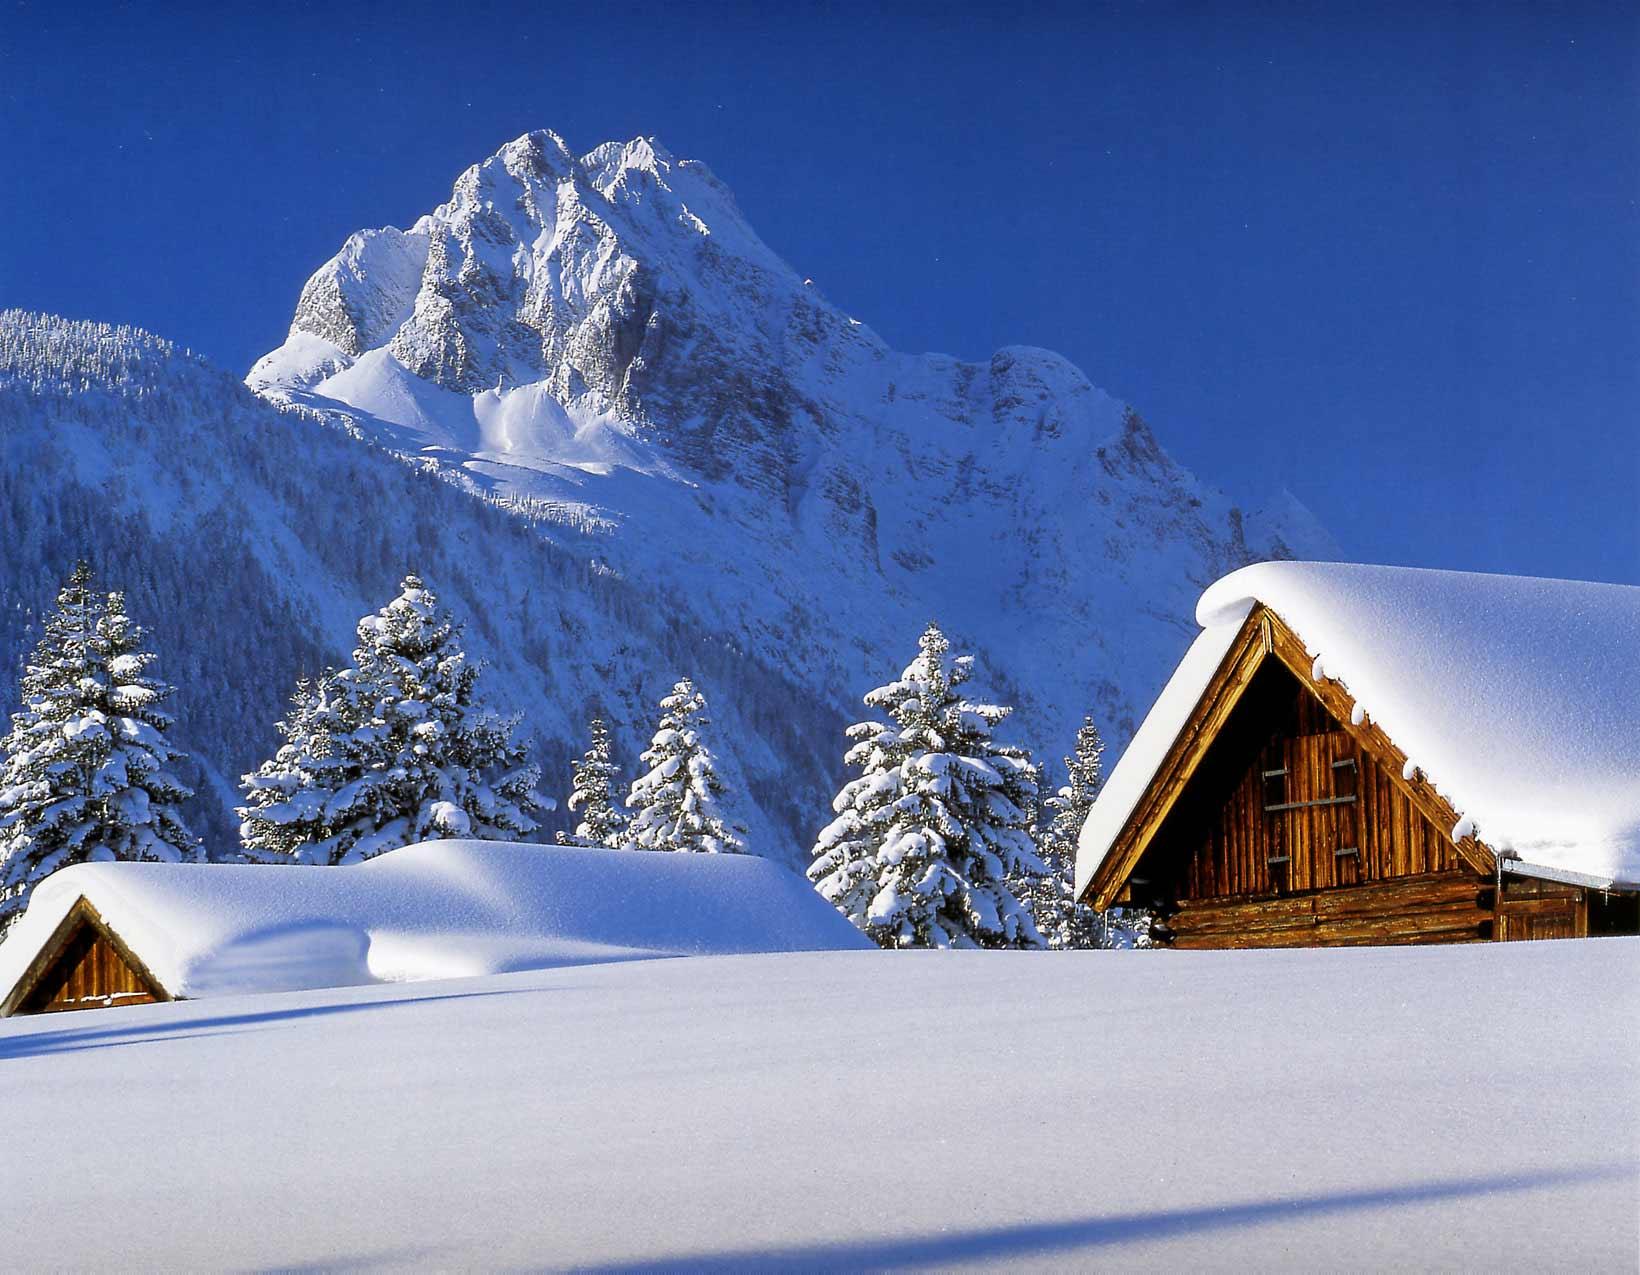 Christmas Winter Wallpapers Download Desktop Backgrounds 1640x1275